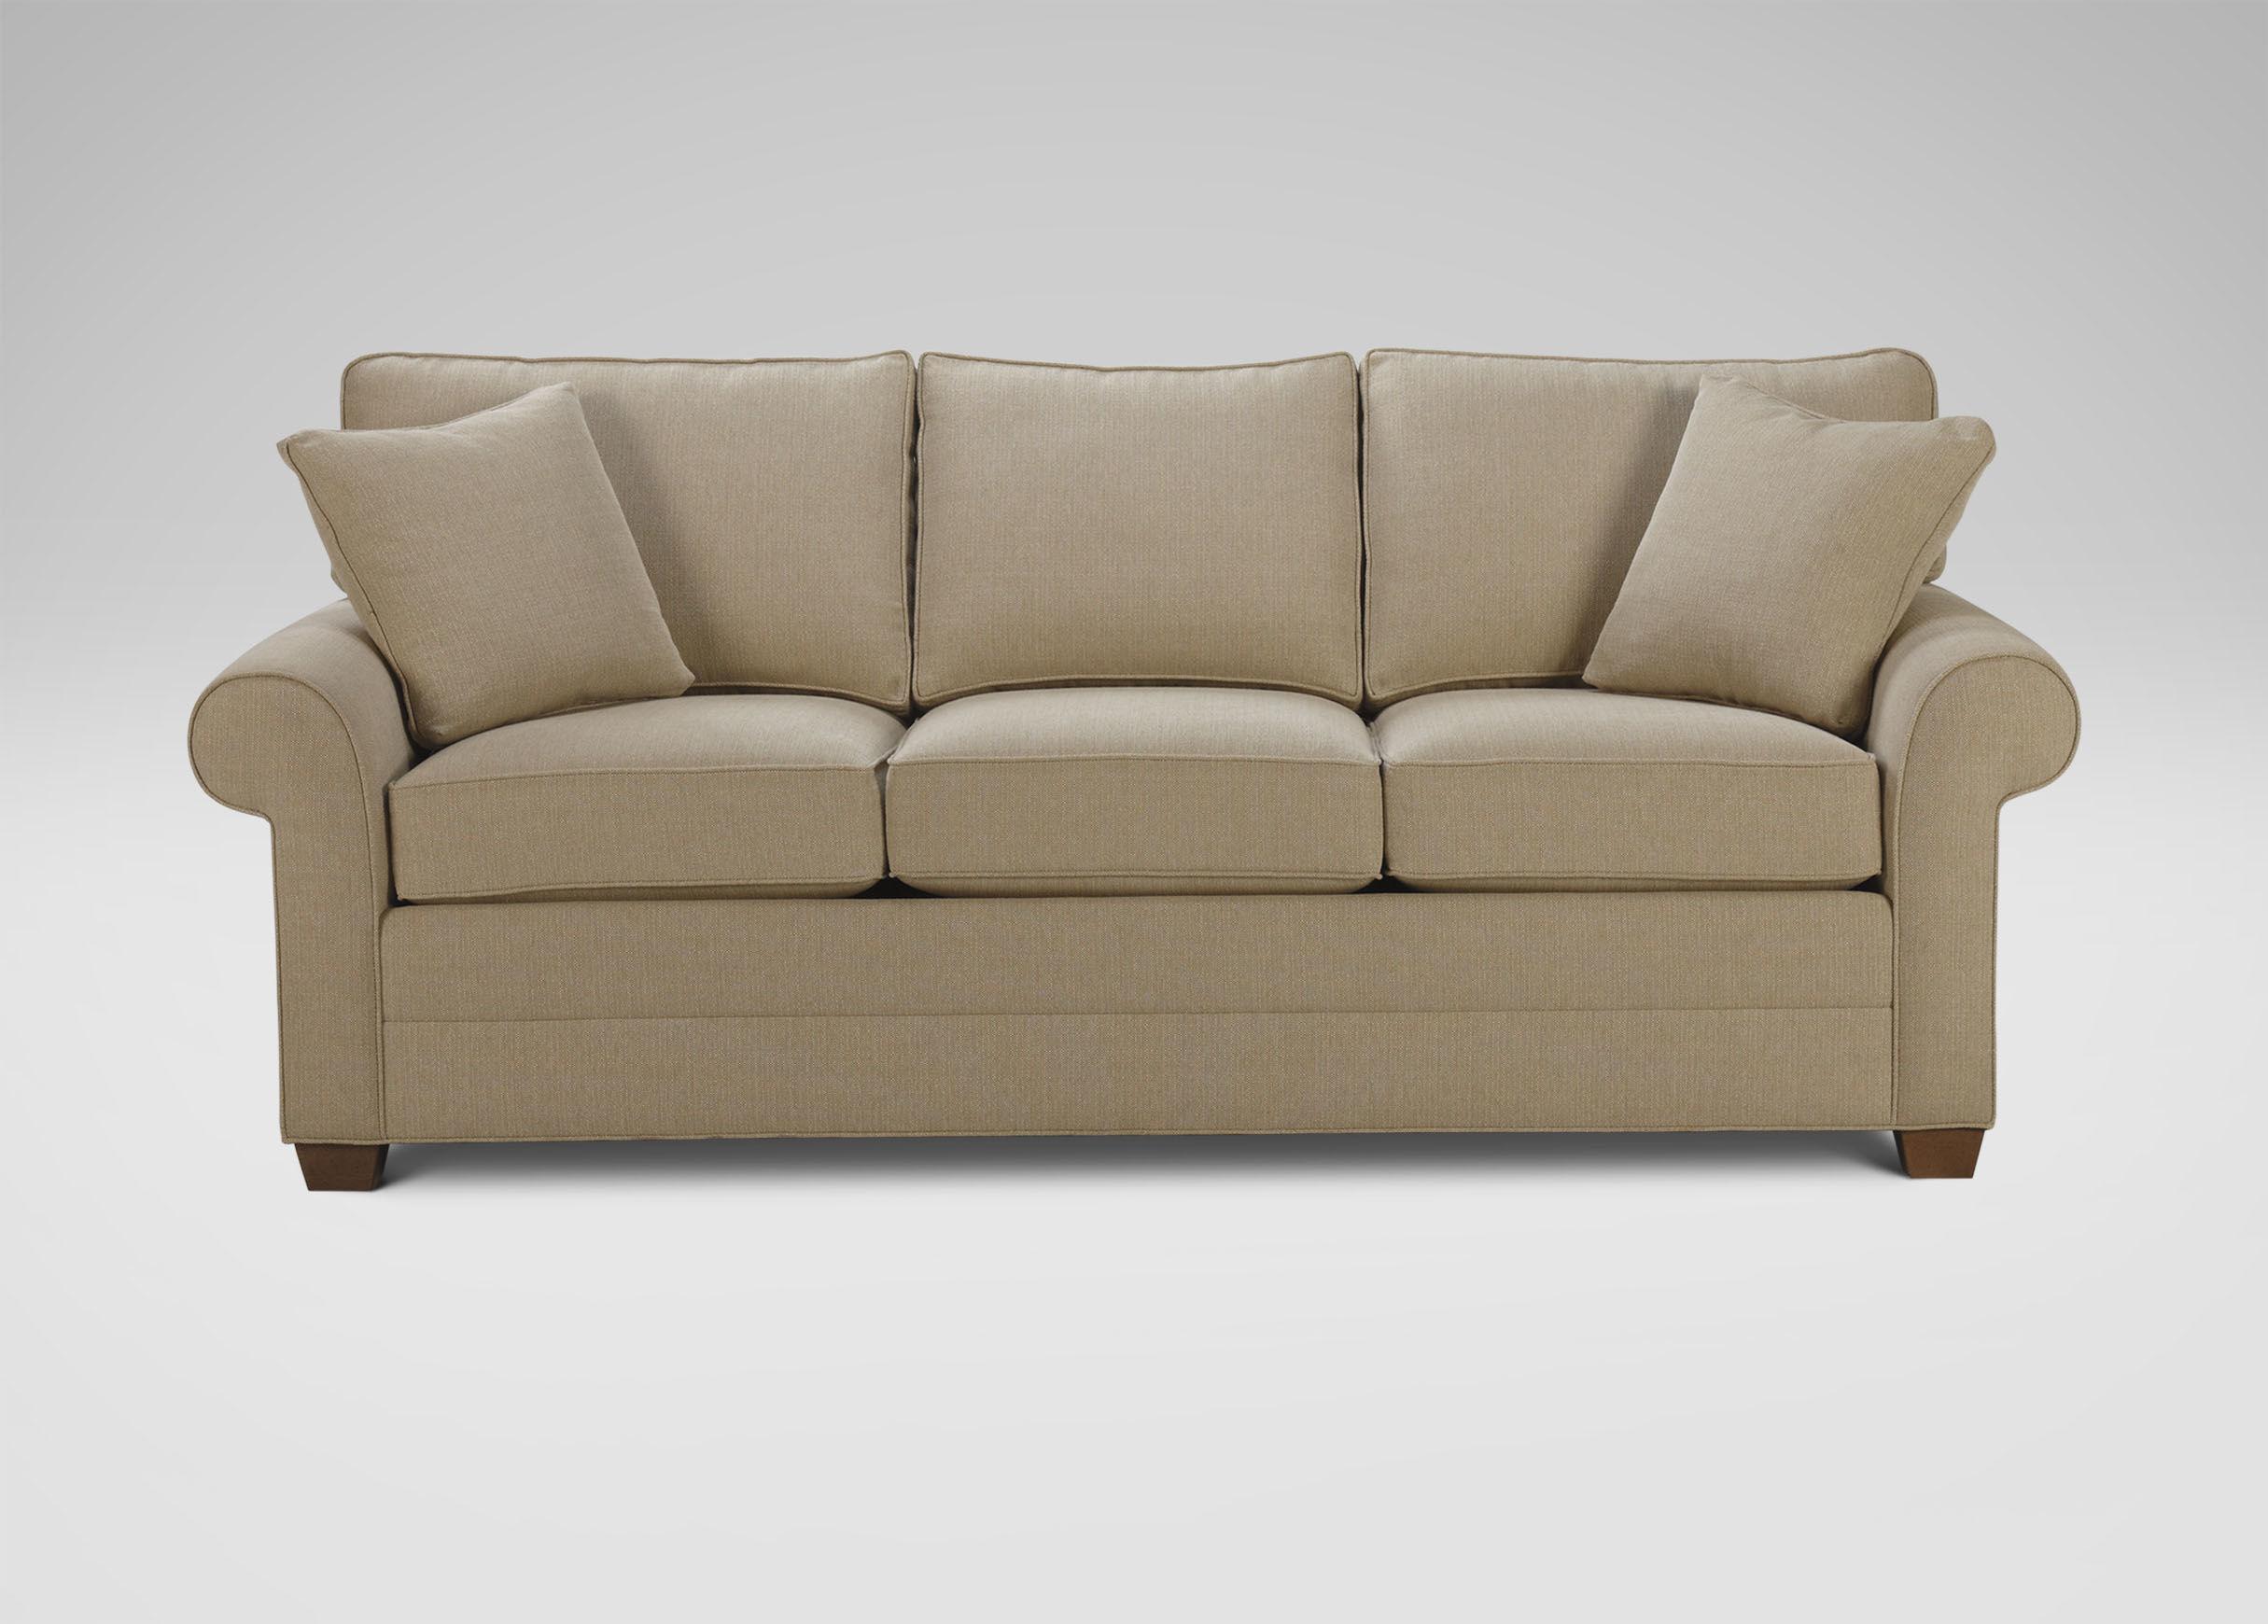 Ethan Allen Sleeper Sofa Air Mattress Centerfieldbarcom - Conversation sofa ethan allen bennett roll arm